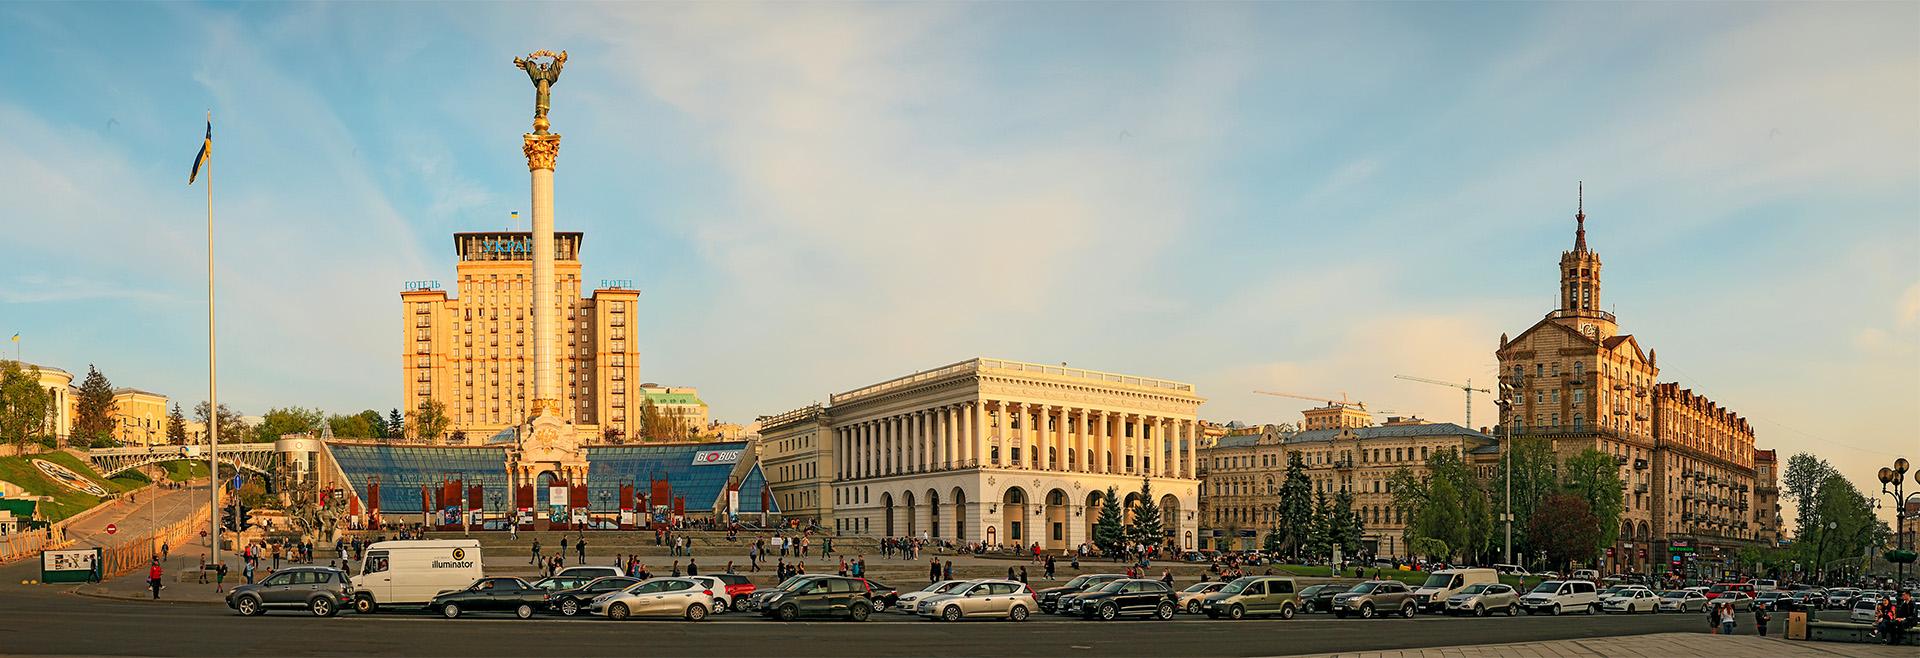 Що подивитись в Києві? ТОП 10 історичних місць